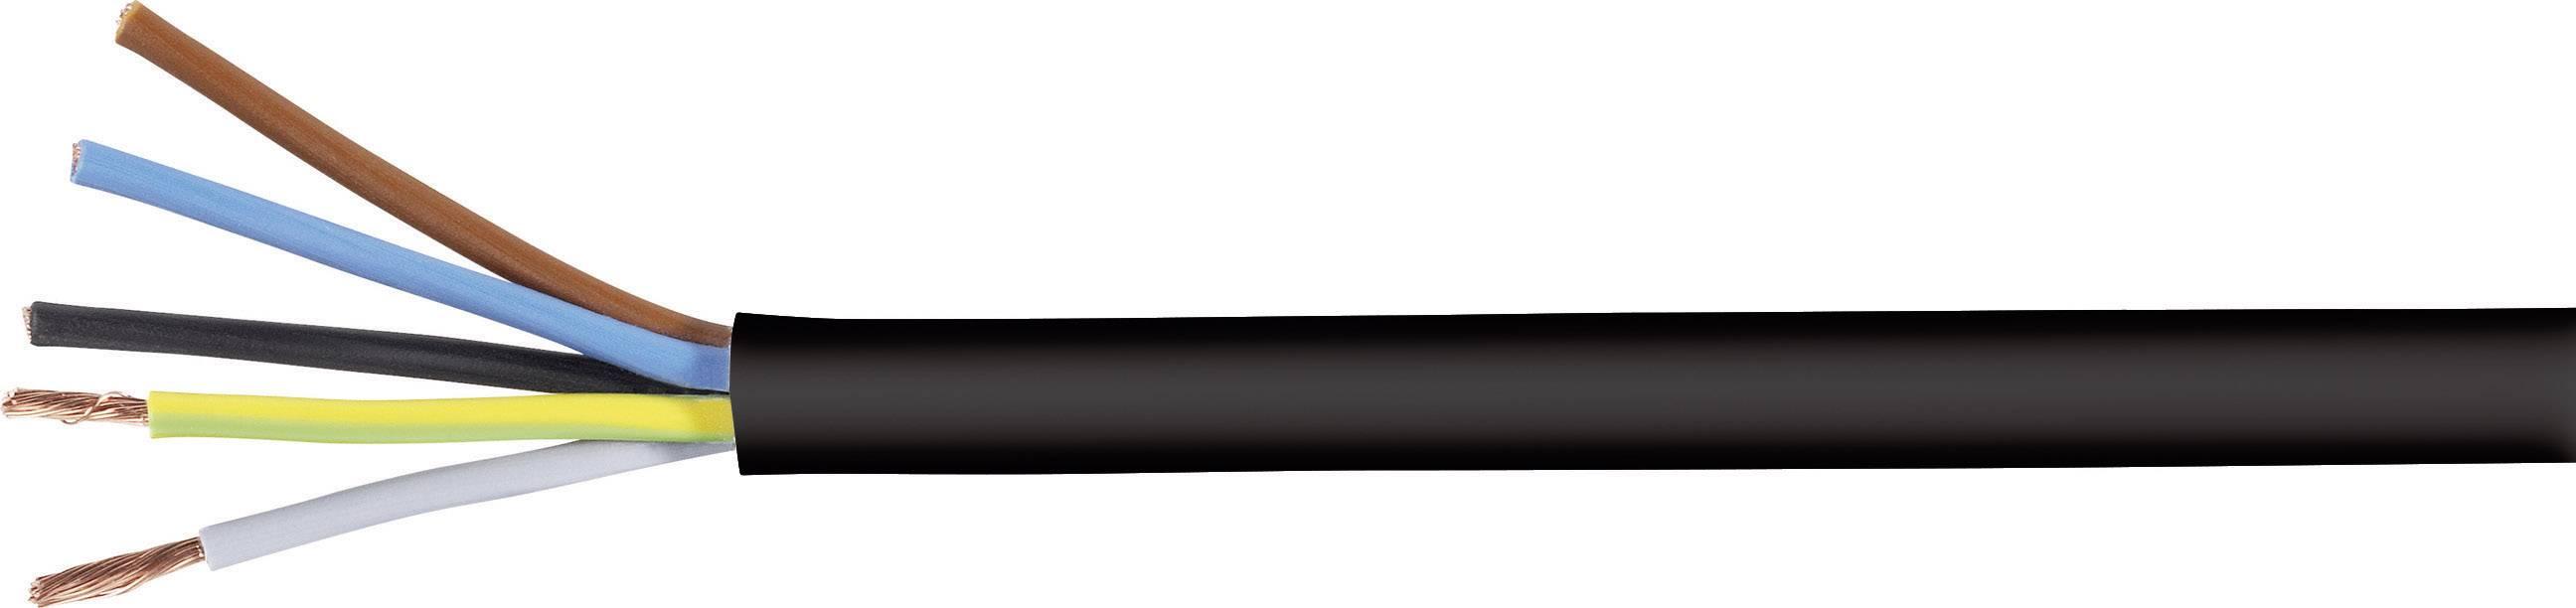 Vícežílový kabel LAPP H05VV-F, 3028242, 5 G 1.50 mm², černá, metrové zboží